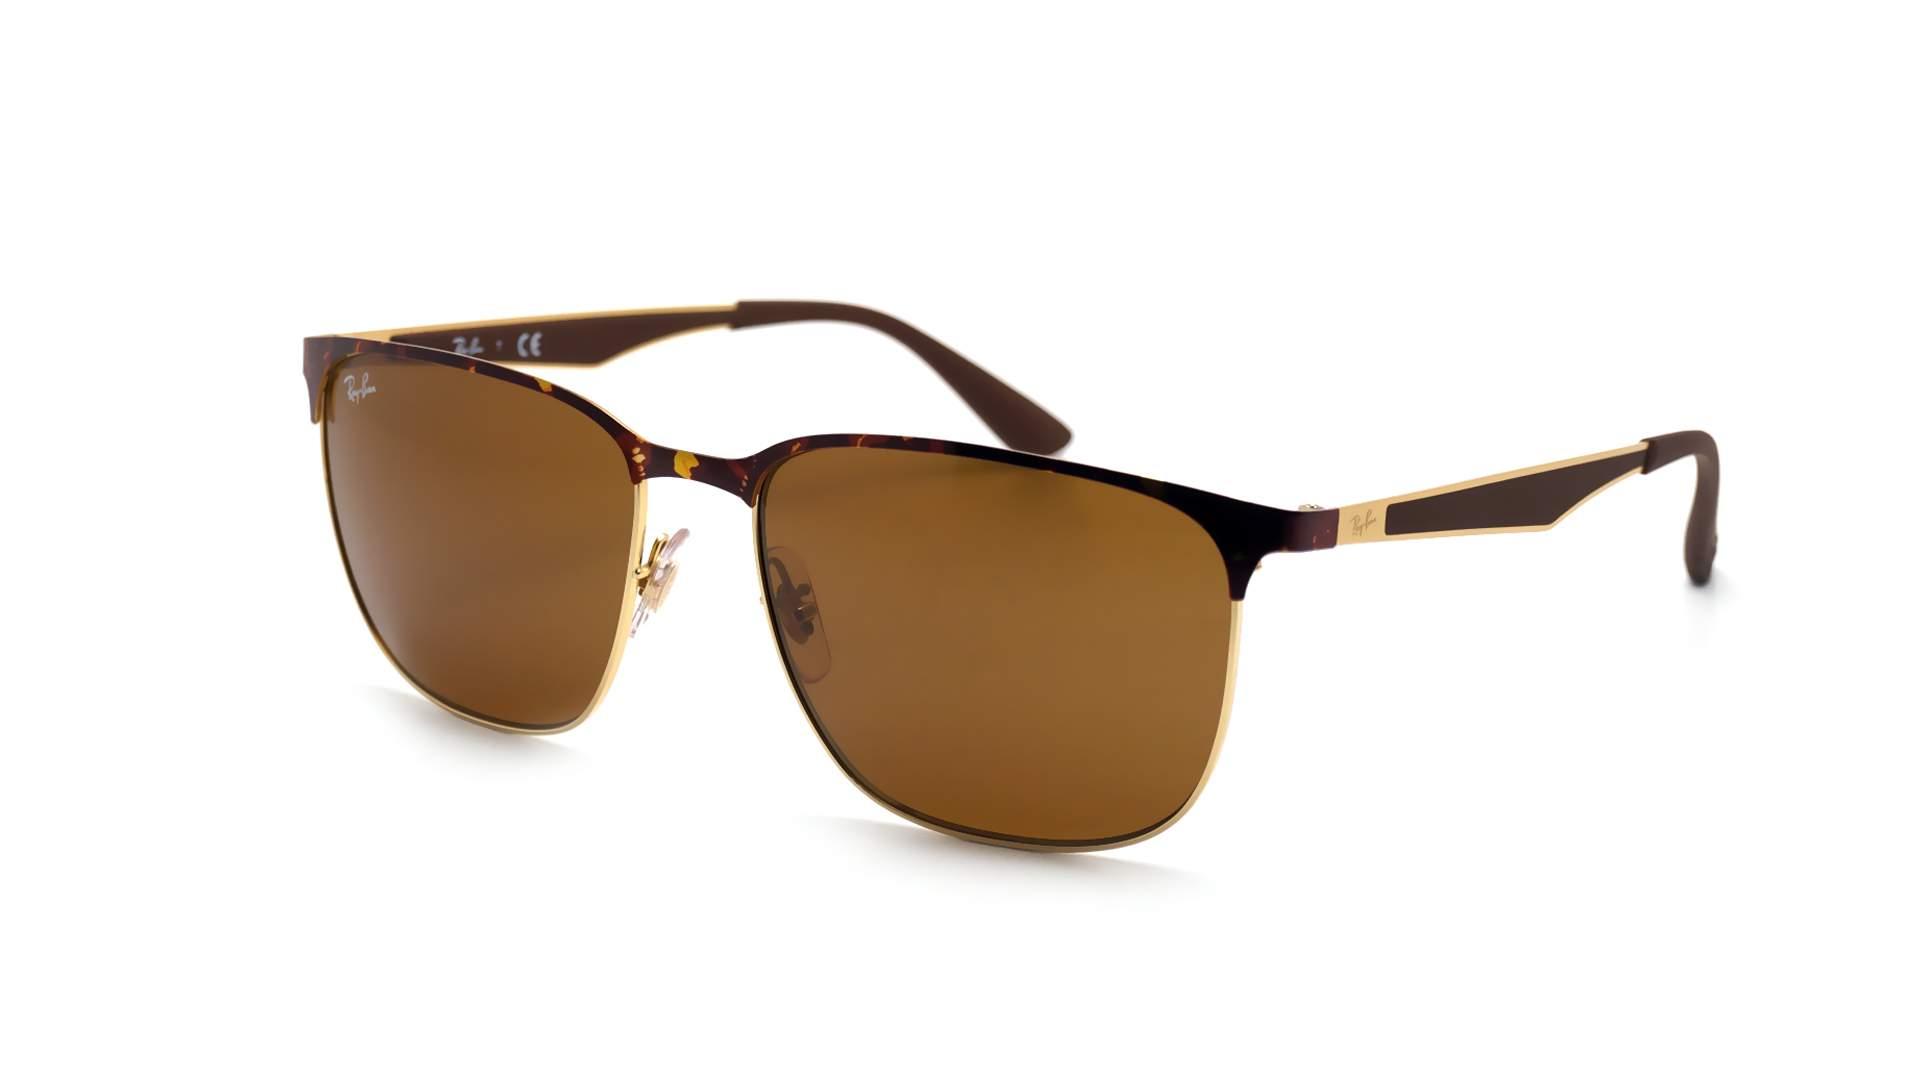 f974efc67b Sunglasses Ray-Ban RB3569 9008 73 59-17 Tortoise Large